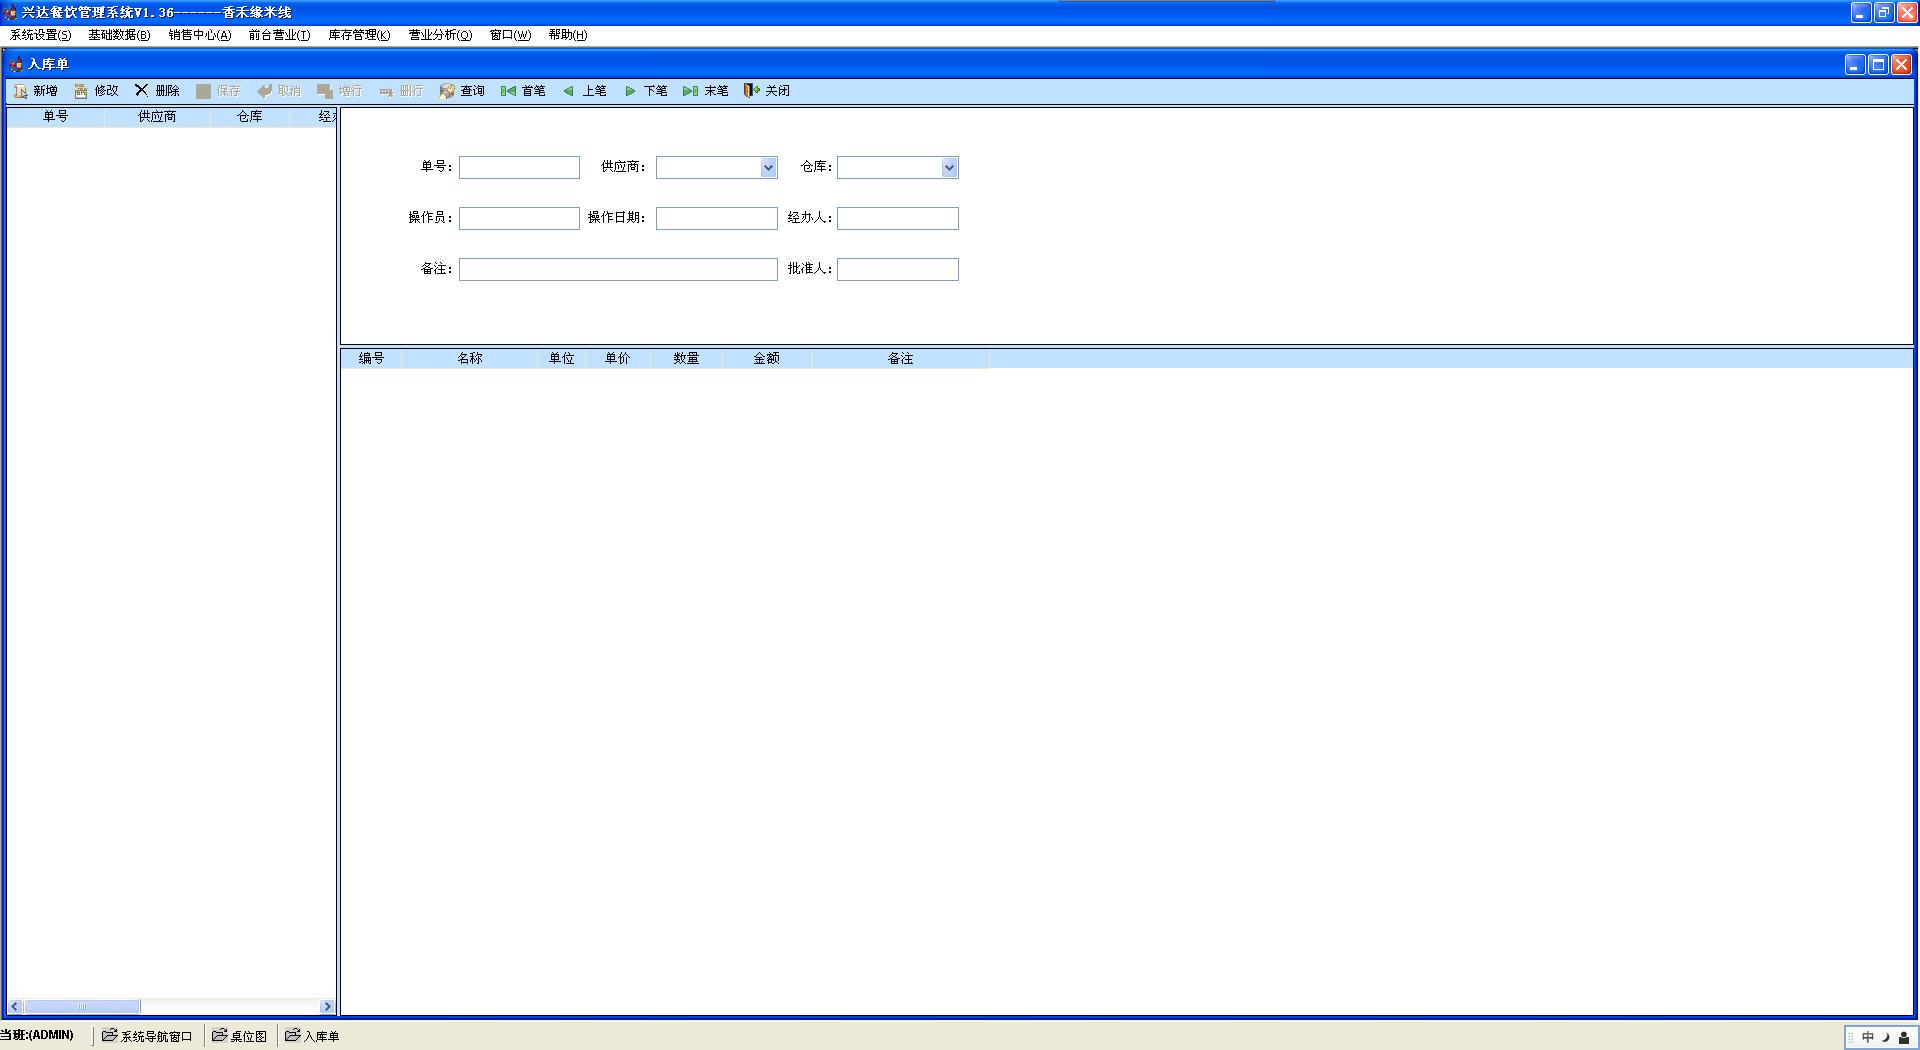 兴达餐饮管理系统V1.36